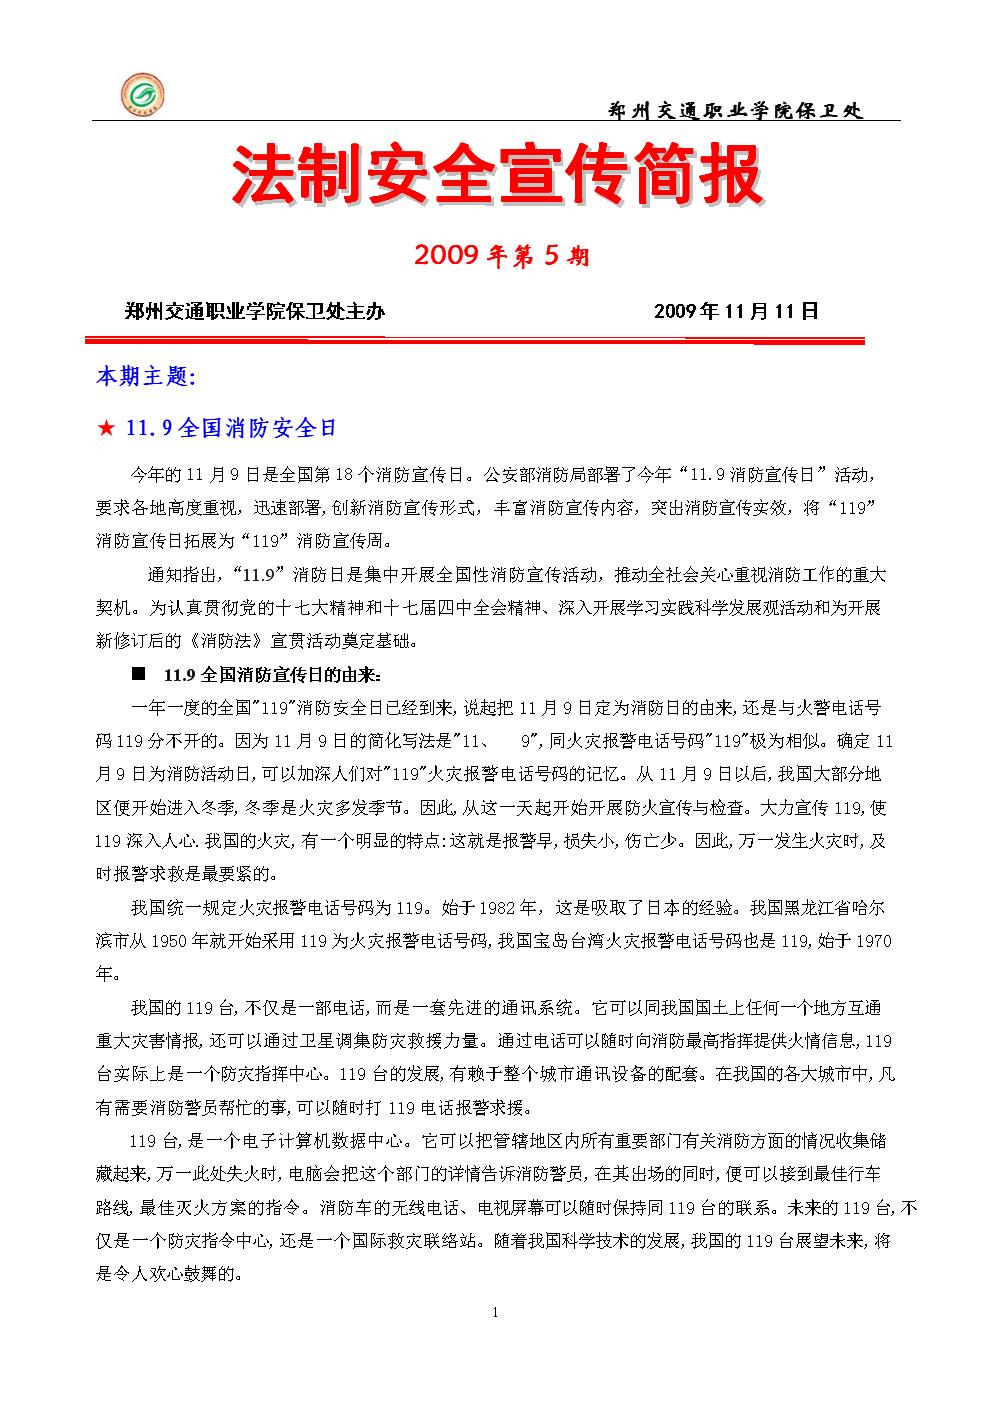 法制安全宣传简报-保卫处武装部.doc图片